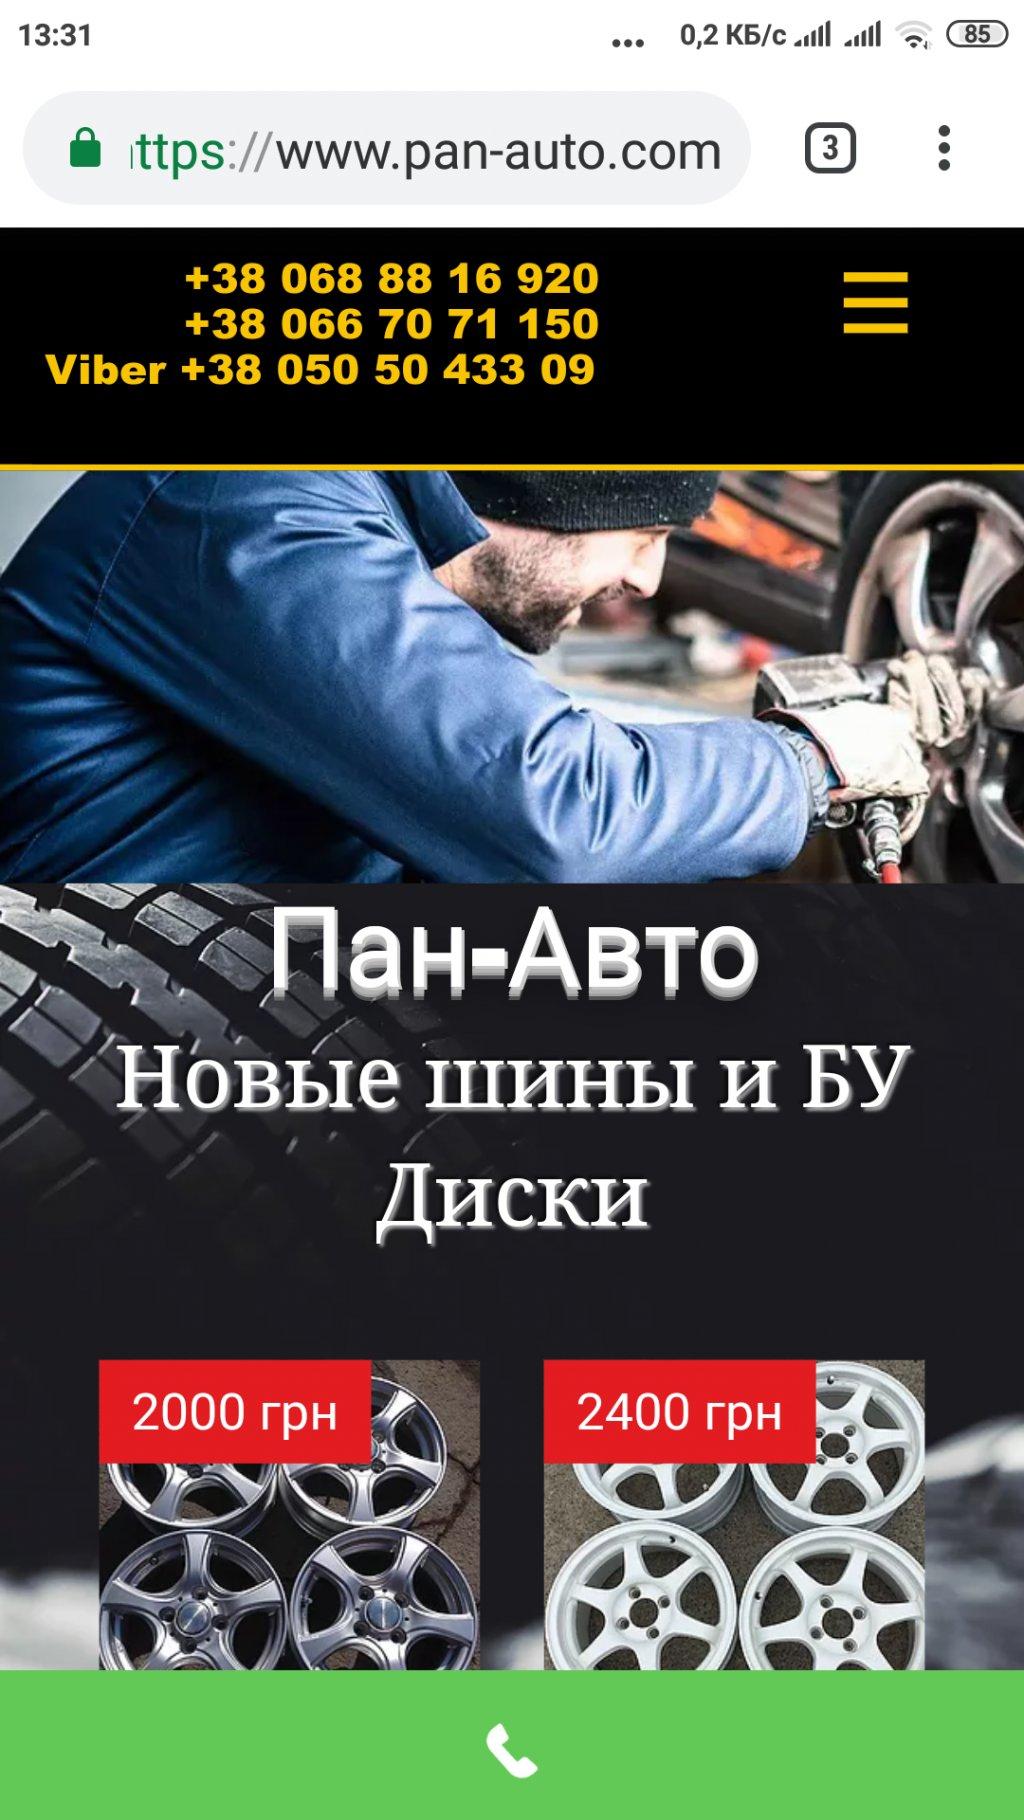 Pan Auto (Пан авто) магазин шин и дисков - Шахраї в інтернеті.